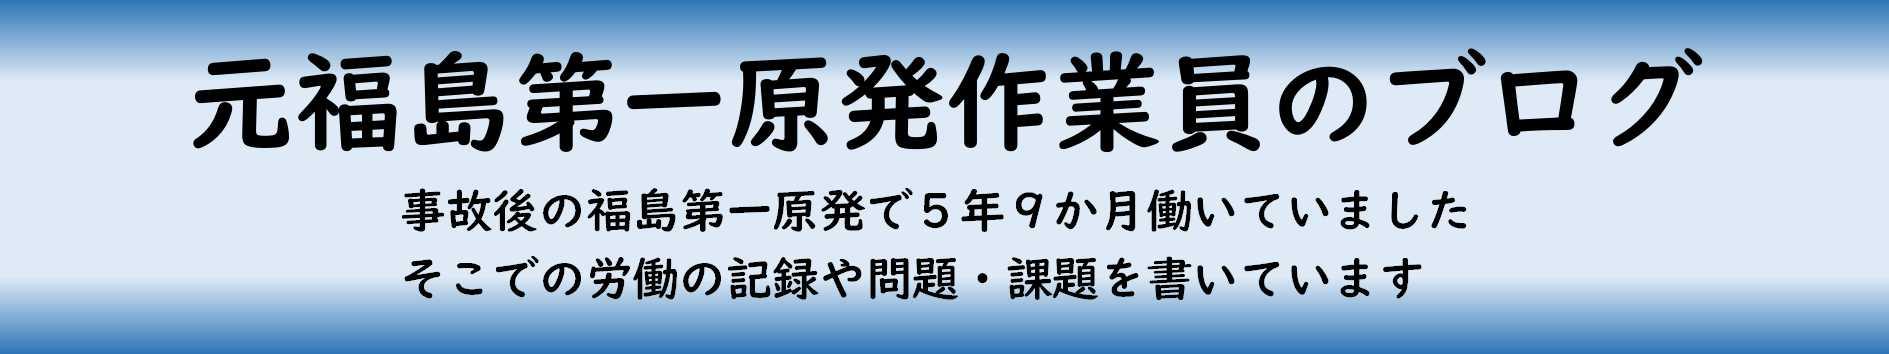 元福島第一原発作業員のブログ